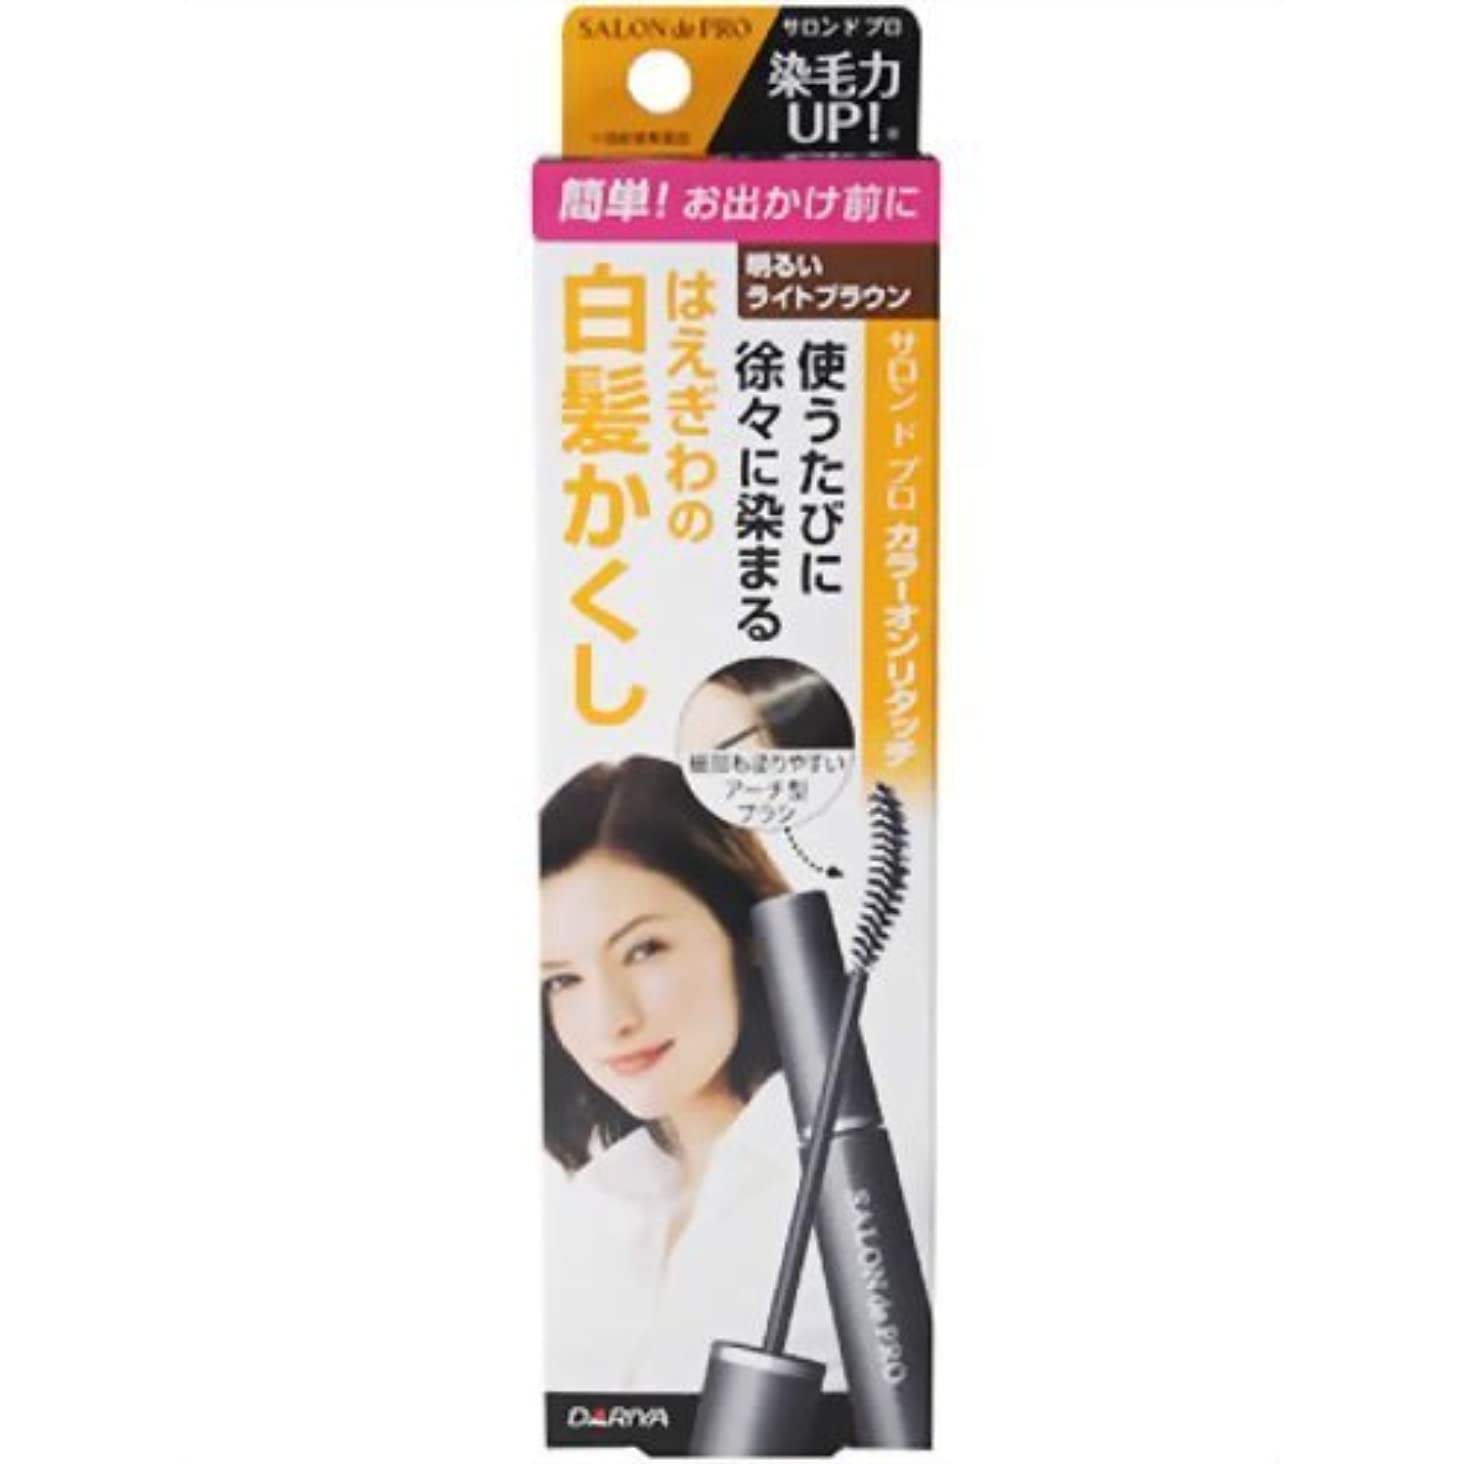 体系的に恐怖症法律サロンドプロカラーオンリタッチ白髪かくし 明るいライトブラウン       15ML × 10個セット